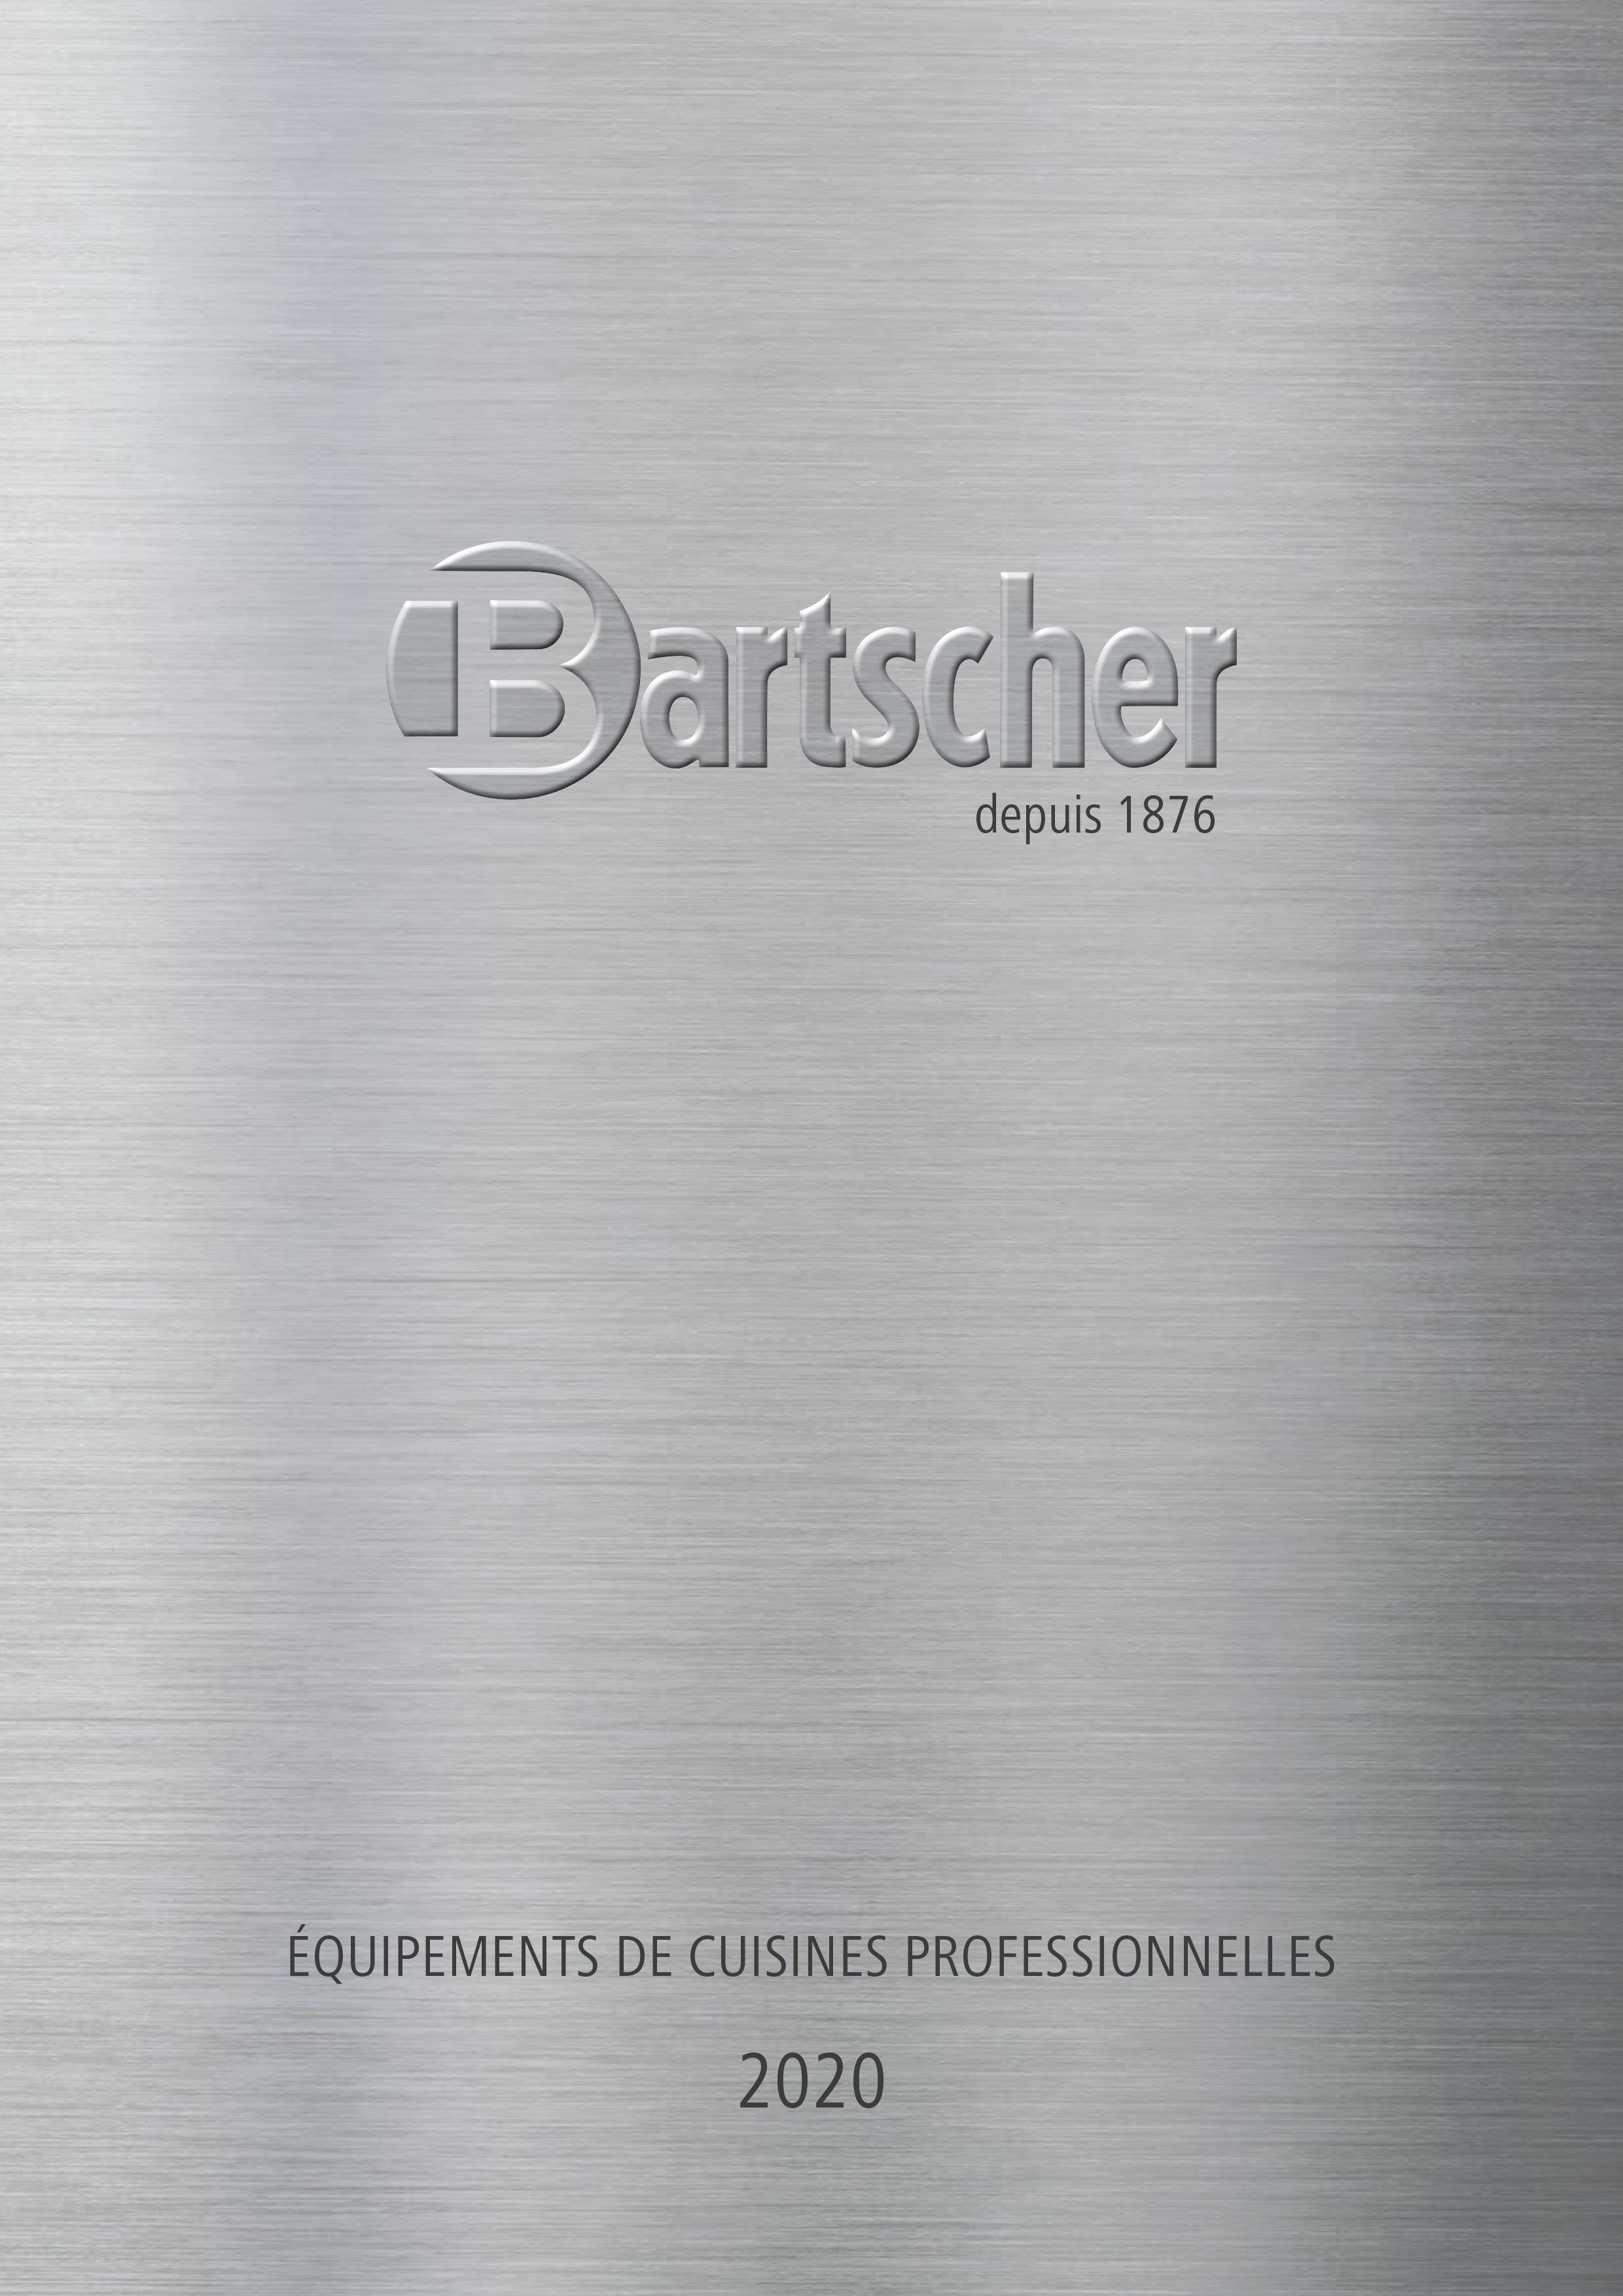 Gros matériel de cuisine   Bartscher